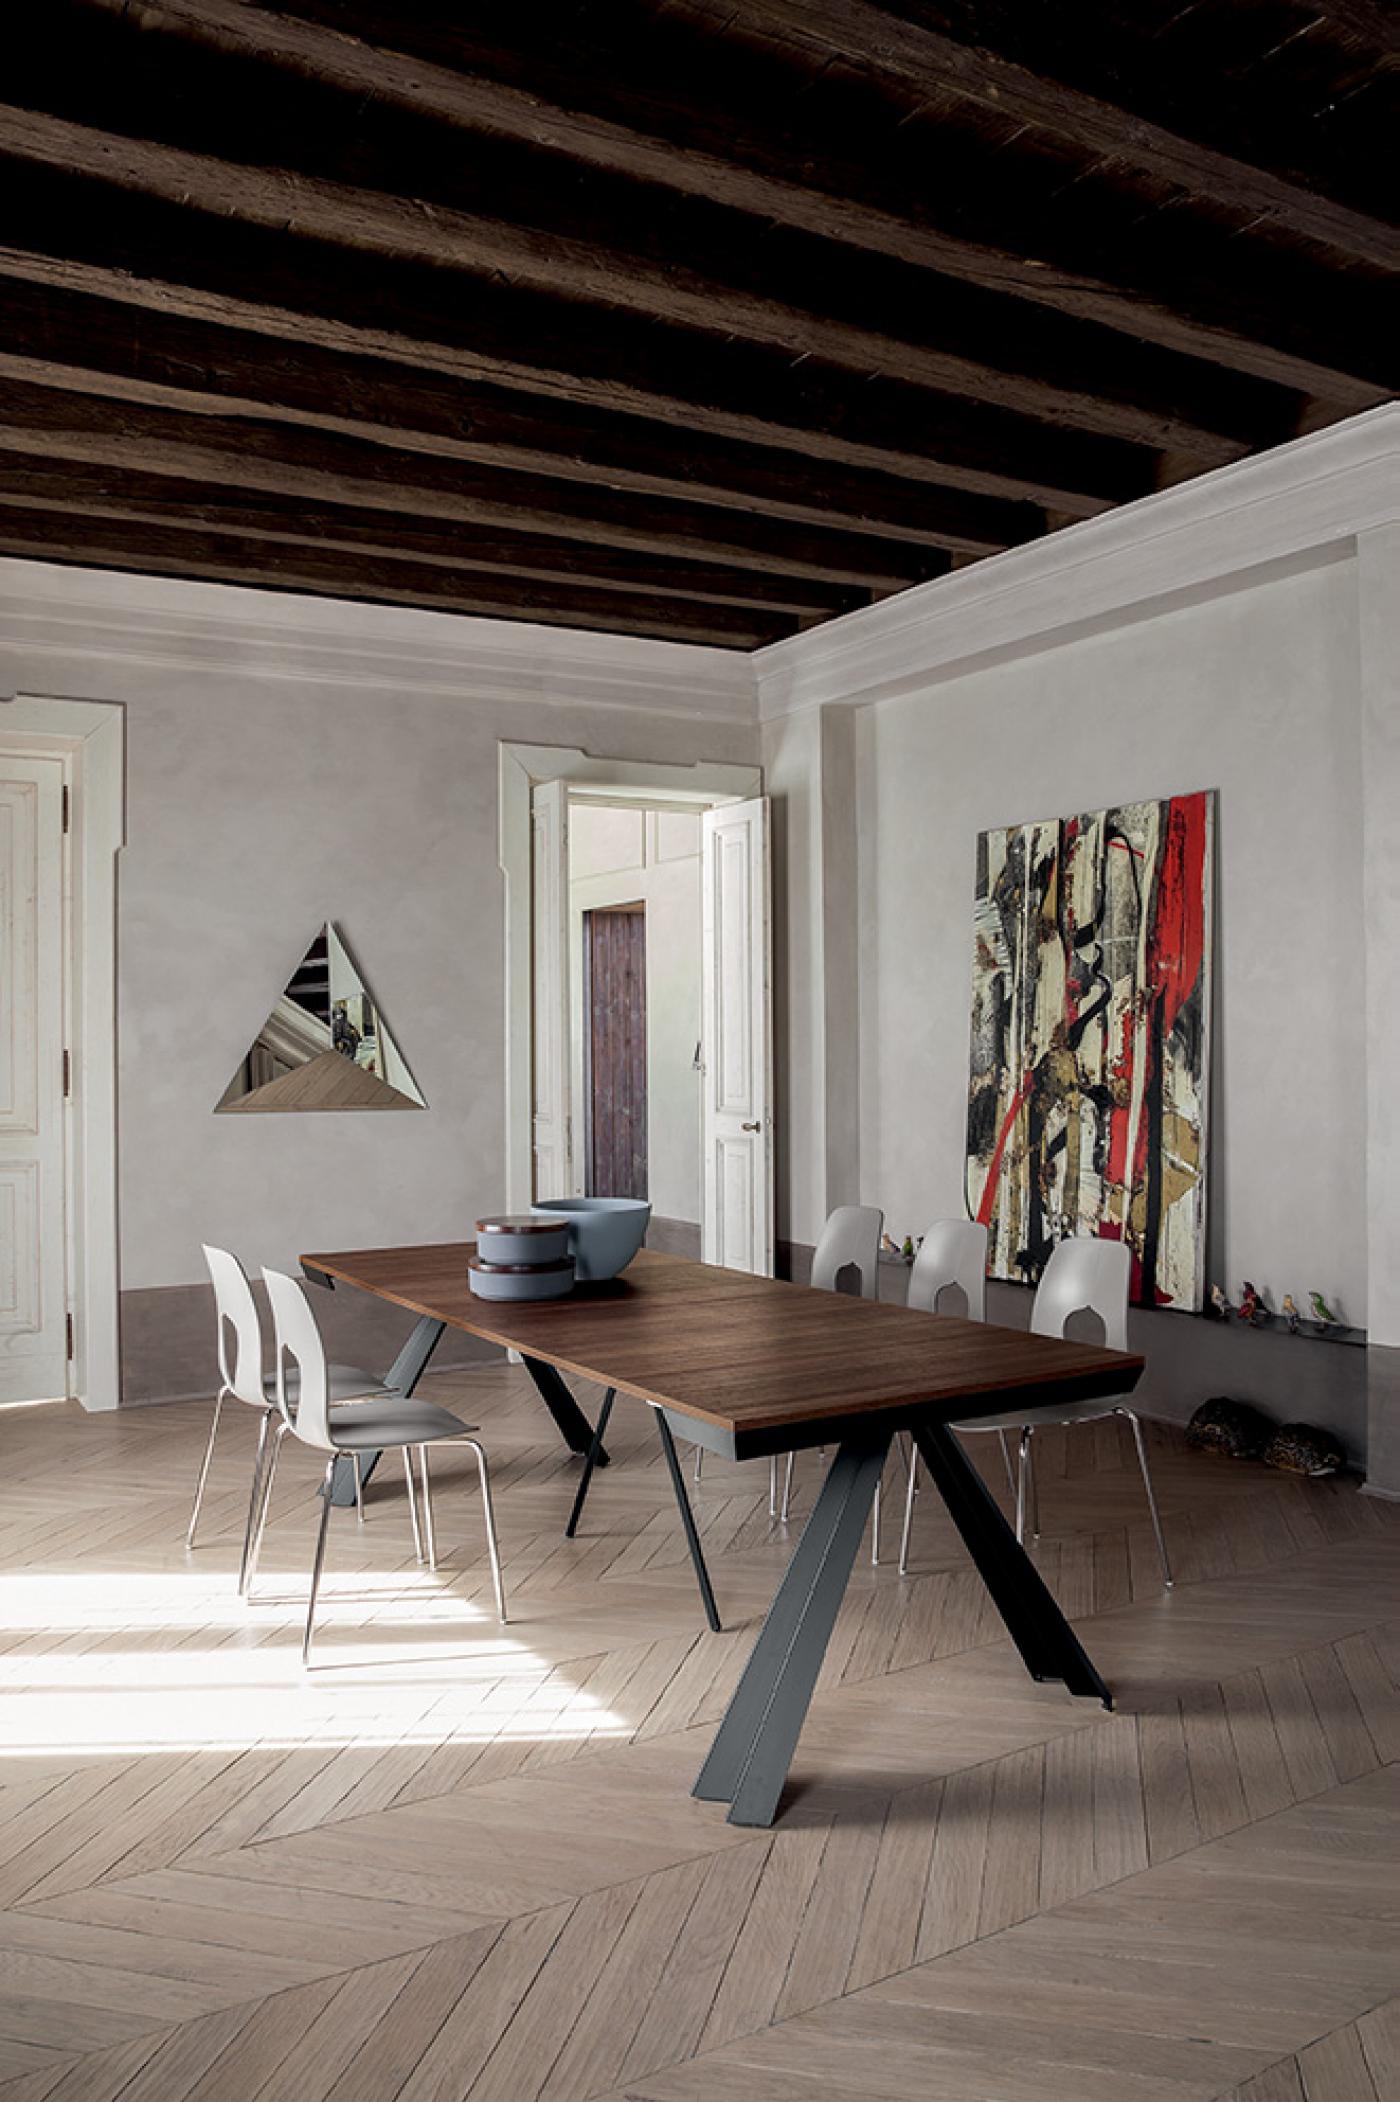 010116-101000-prod-gallery-375-t6509ventaglio03